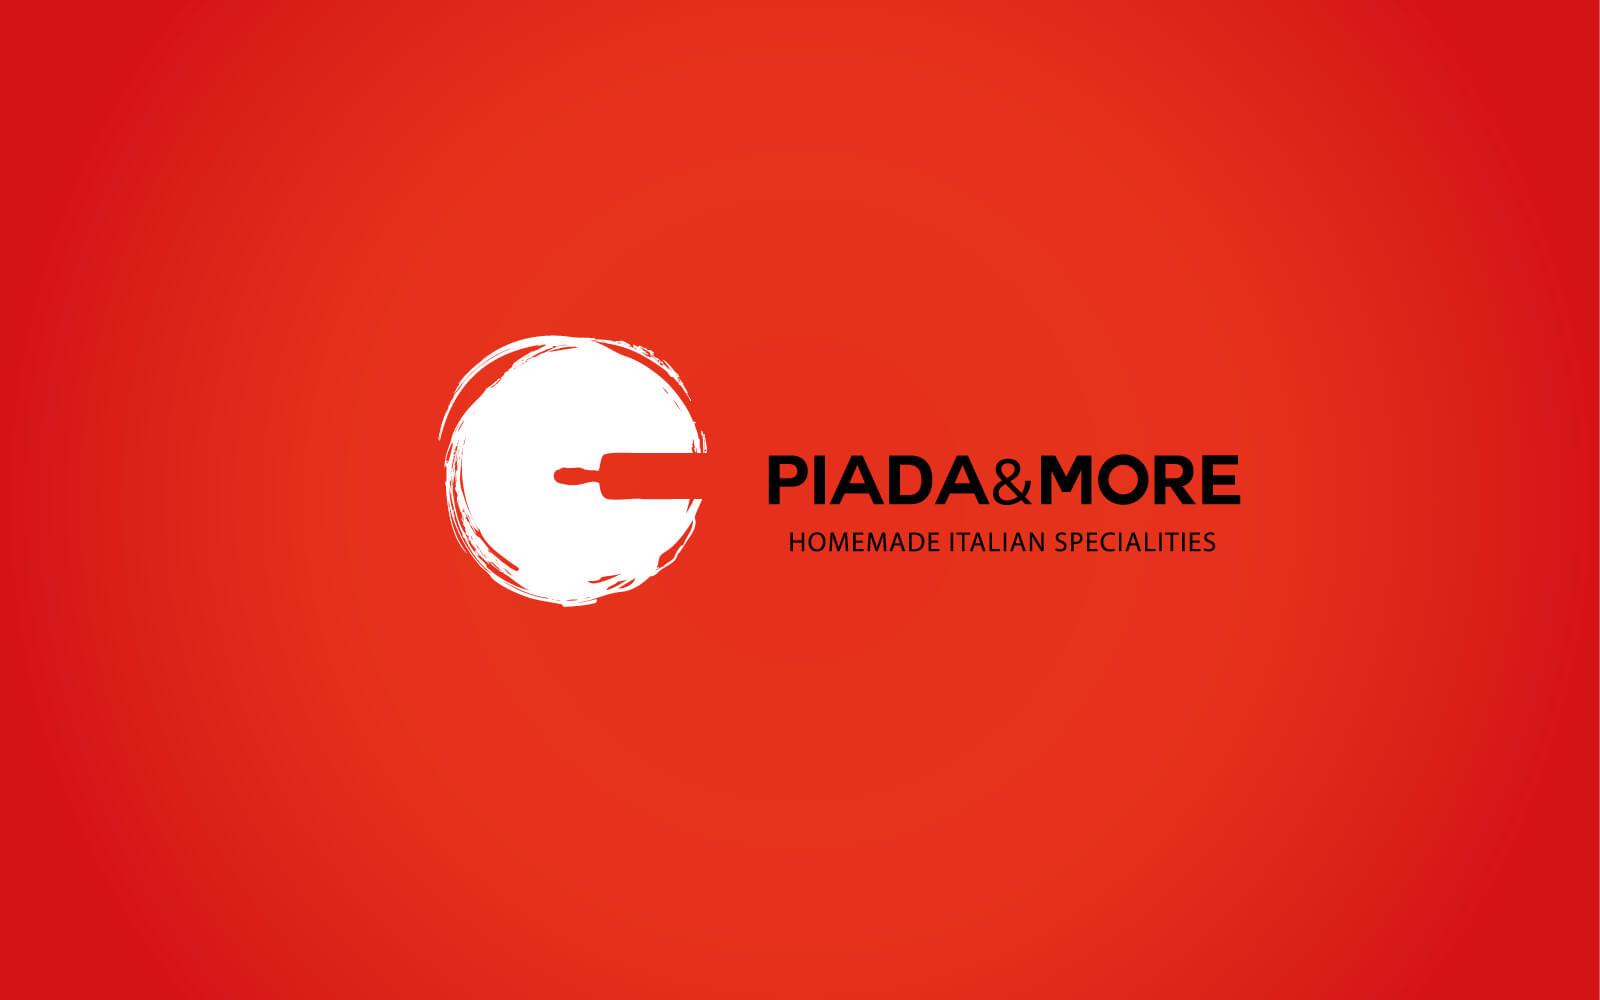 progetto del marchio per ristorante piada and more, creato da diadestudio agenzia grafica arco trento